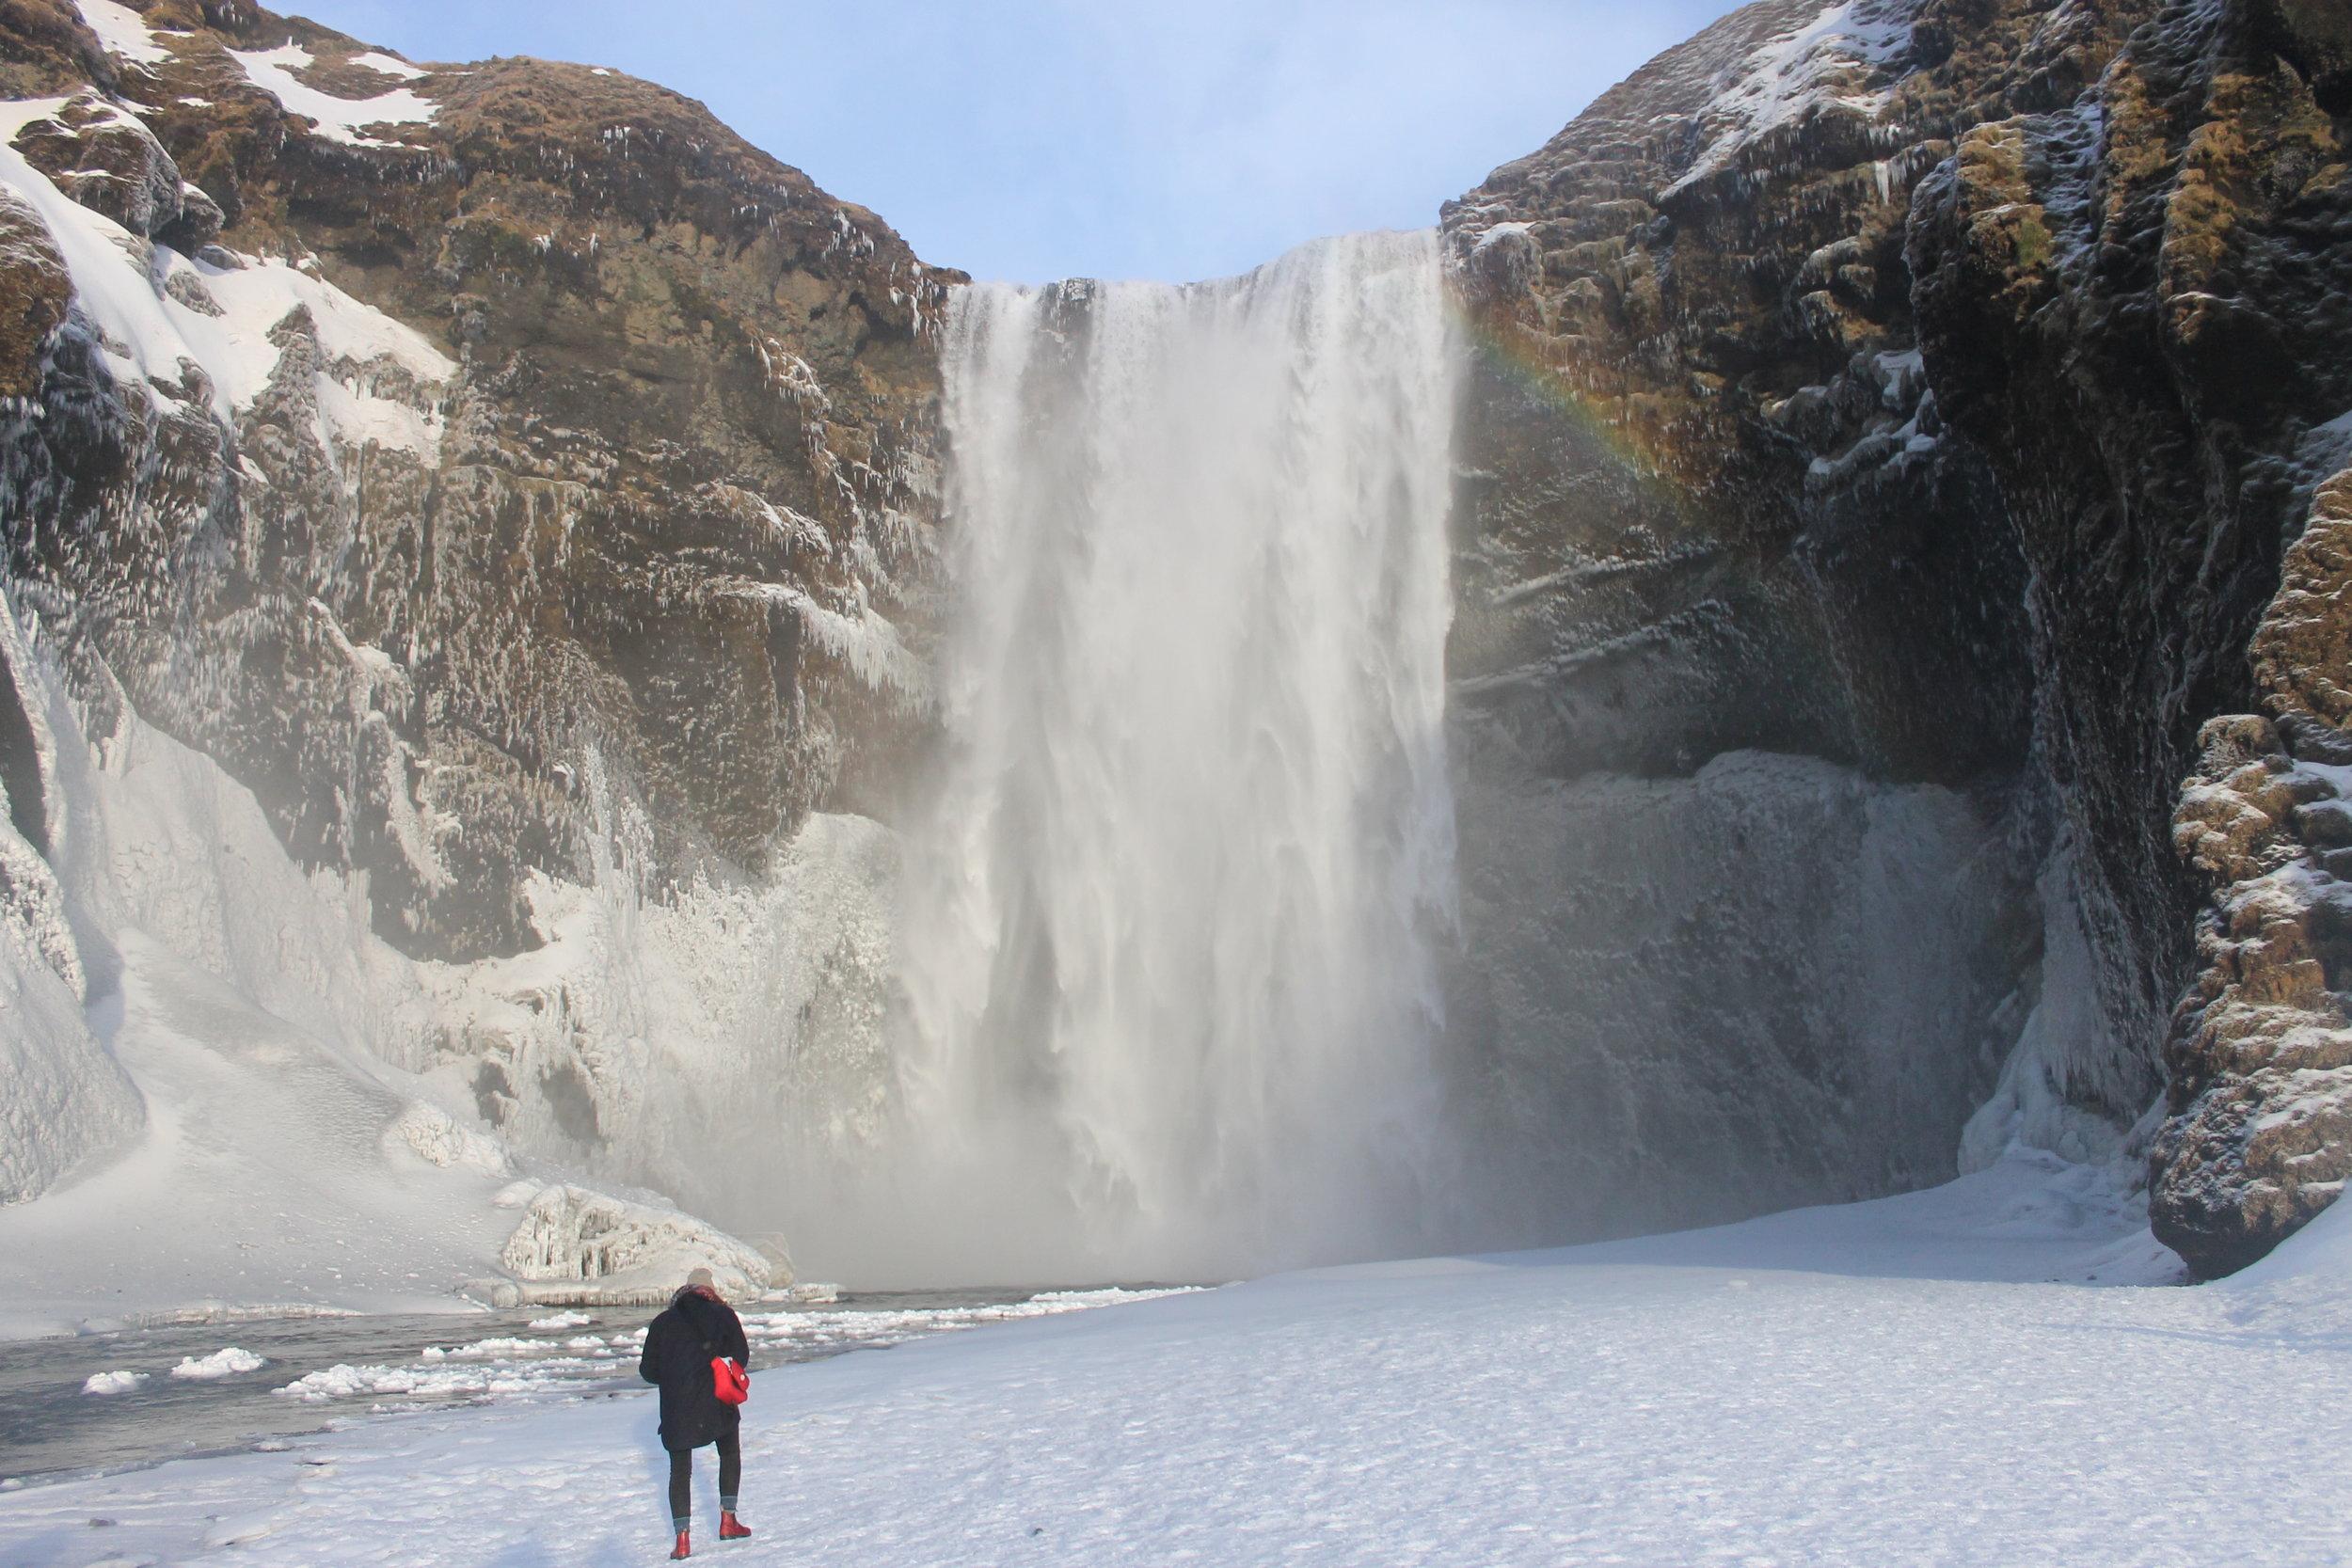 Emma at Seljalandsfoss Waterfall.